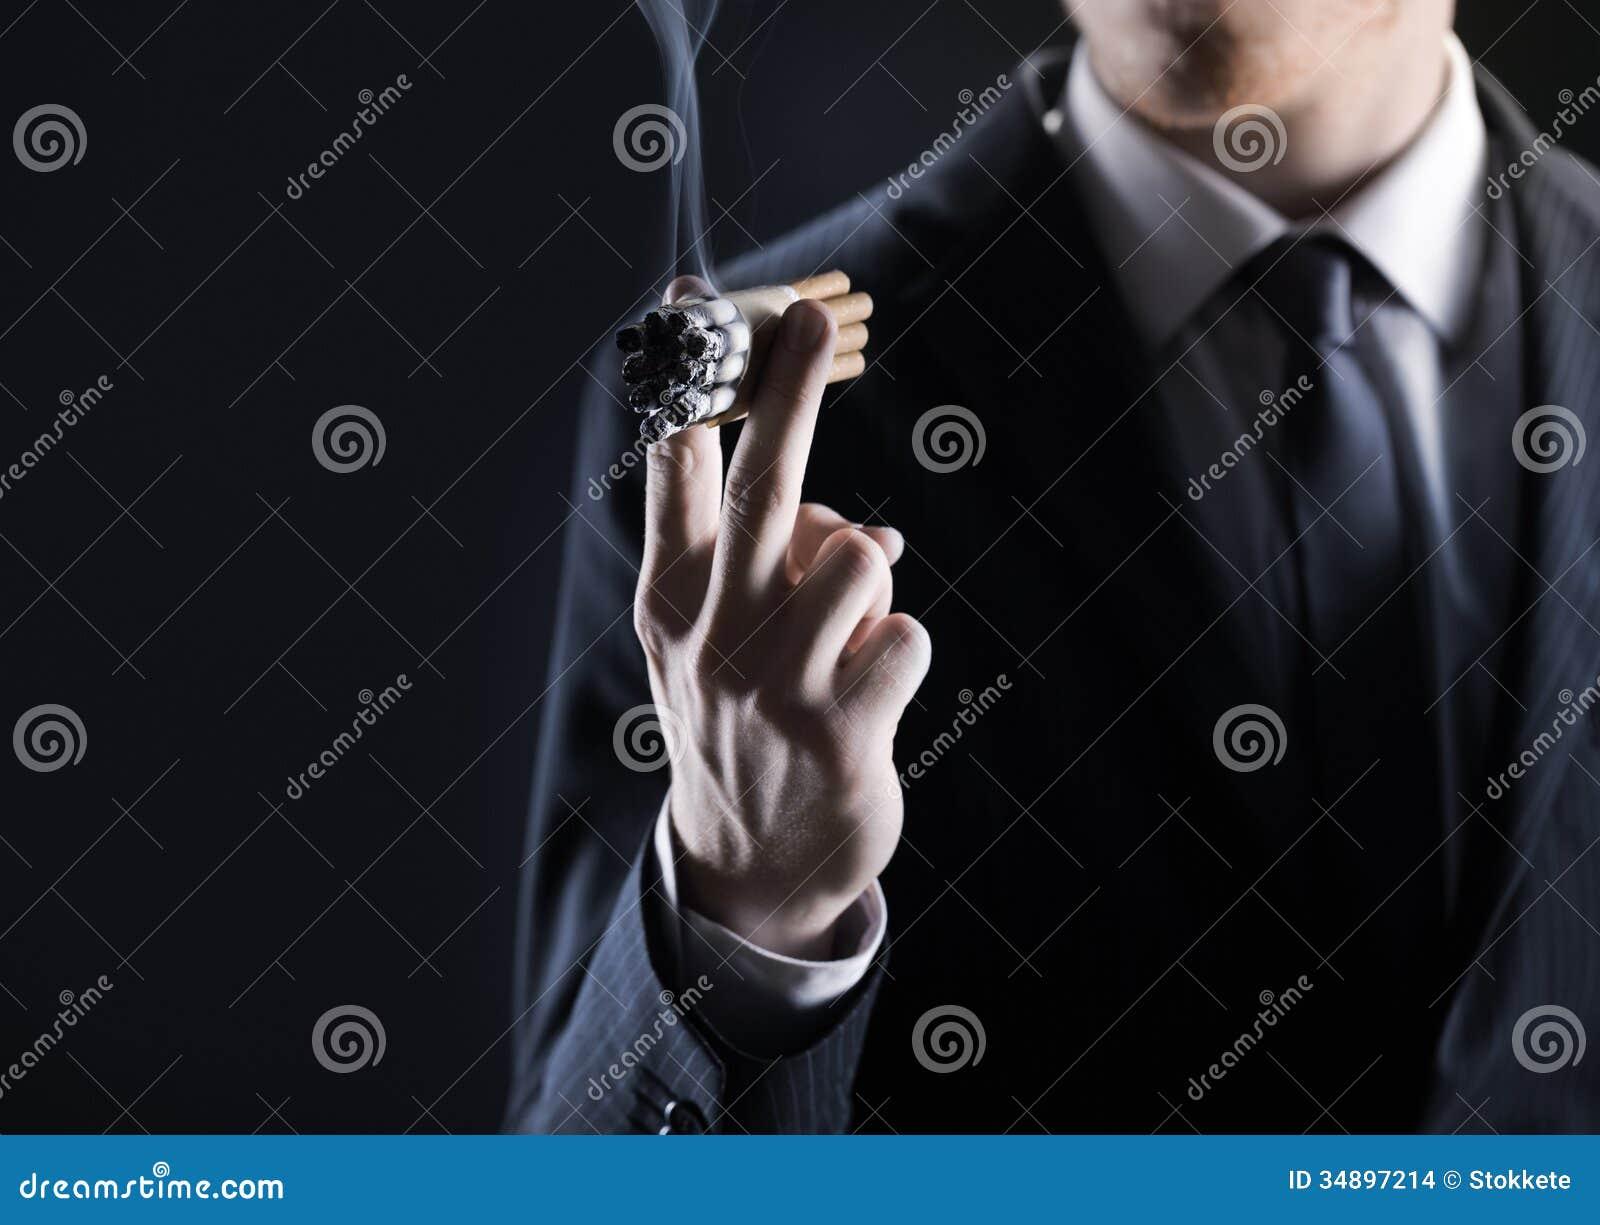 Men smoking cigarettes work!